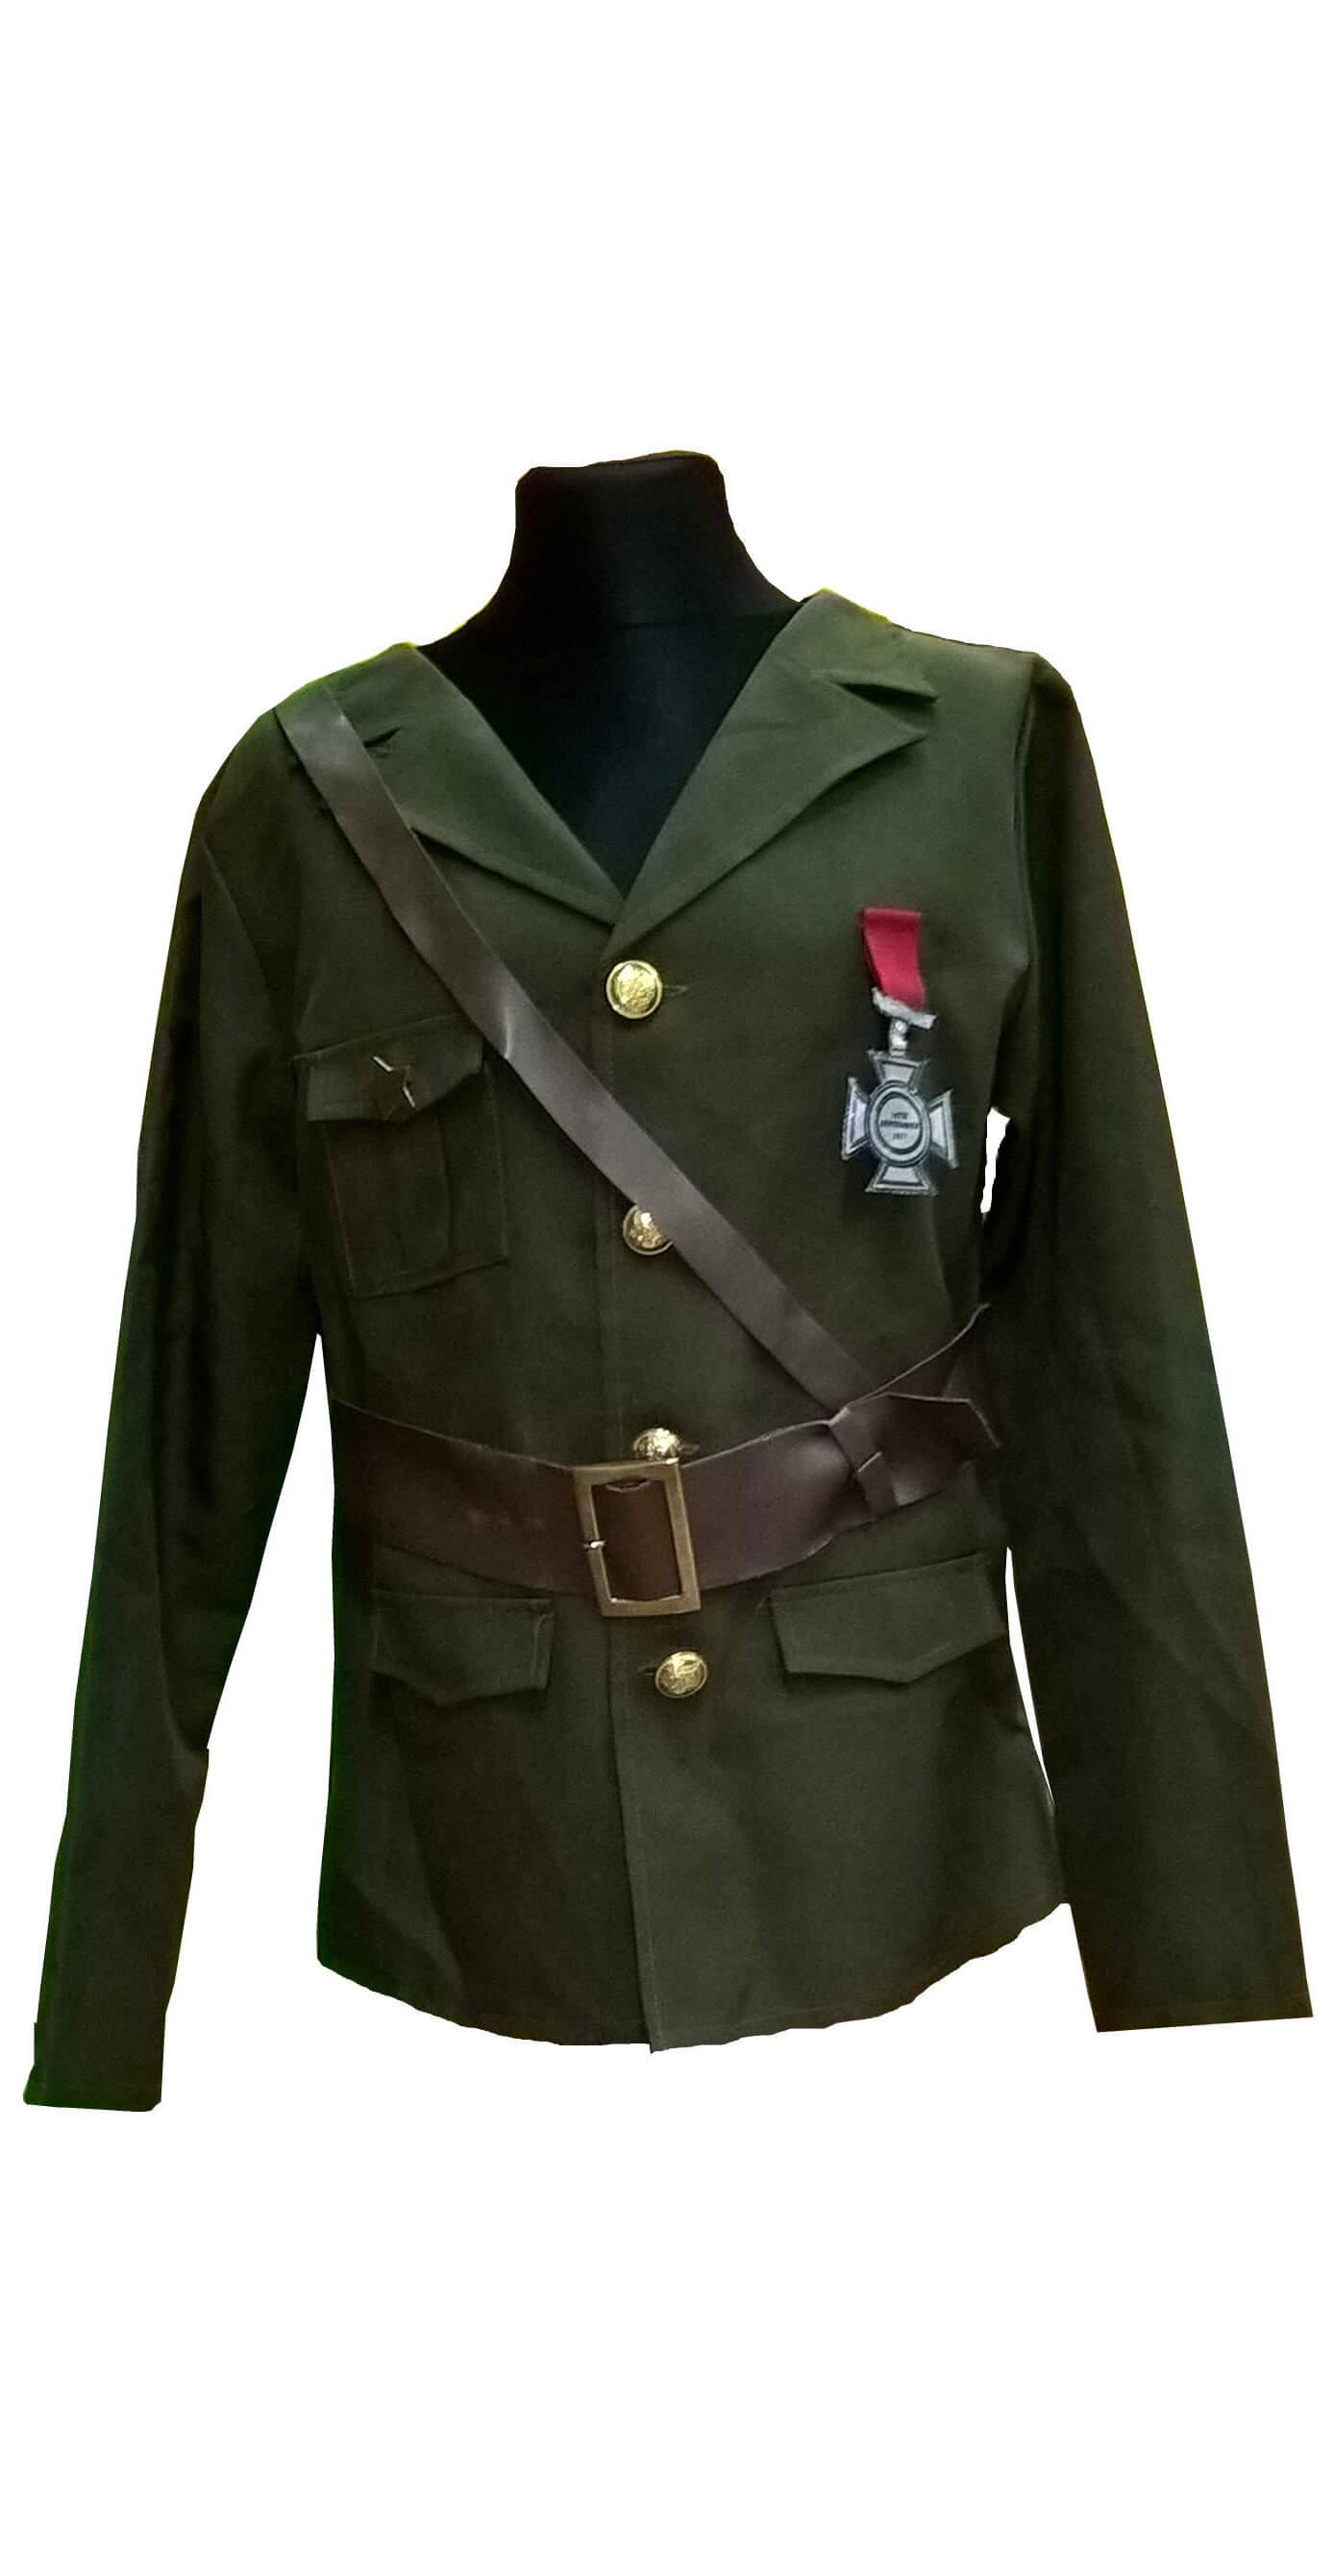 Kareivėlio kostiumas.Princo kostiumas. Karnavalinių kostiumų nuoma Vilniuje - pasakunamai.lt